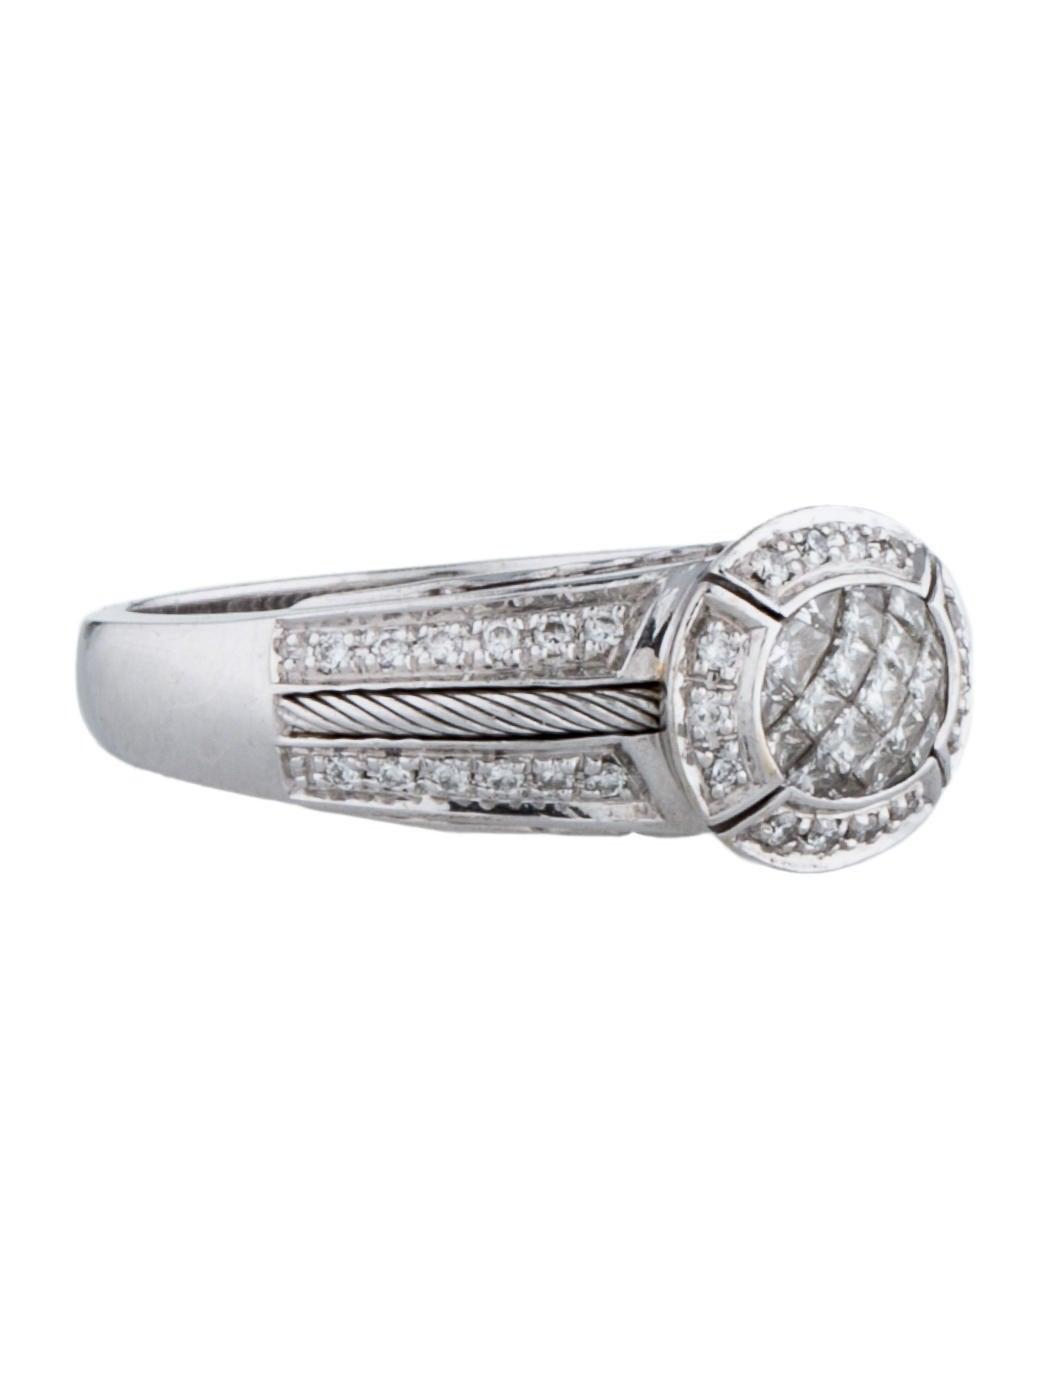 Charriol wedding ring